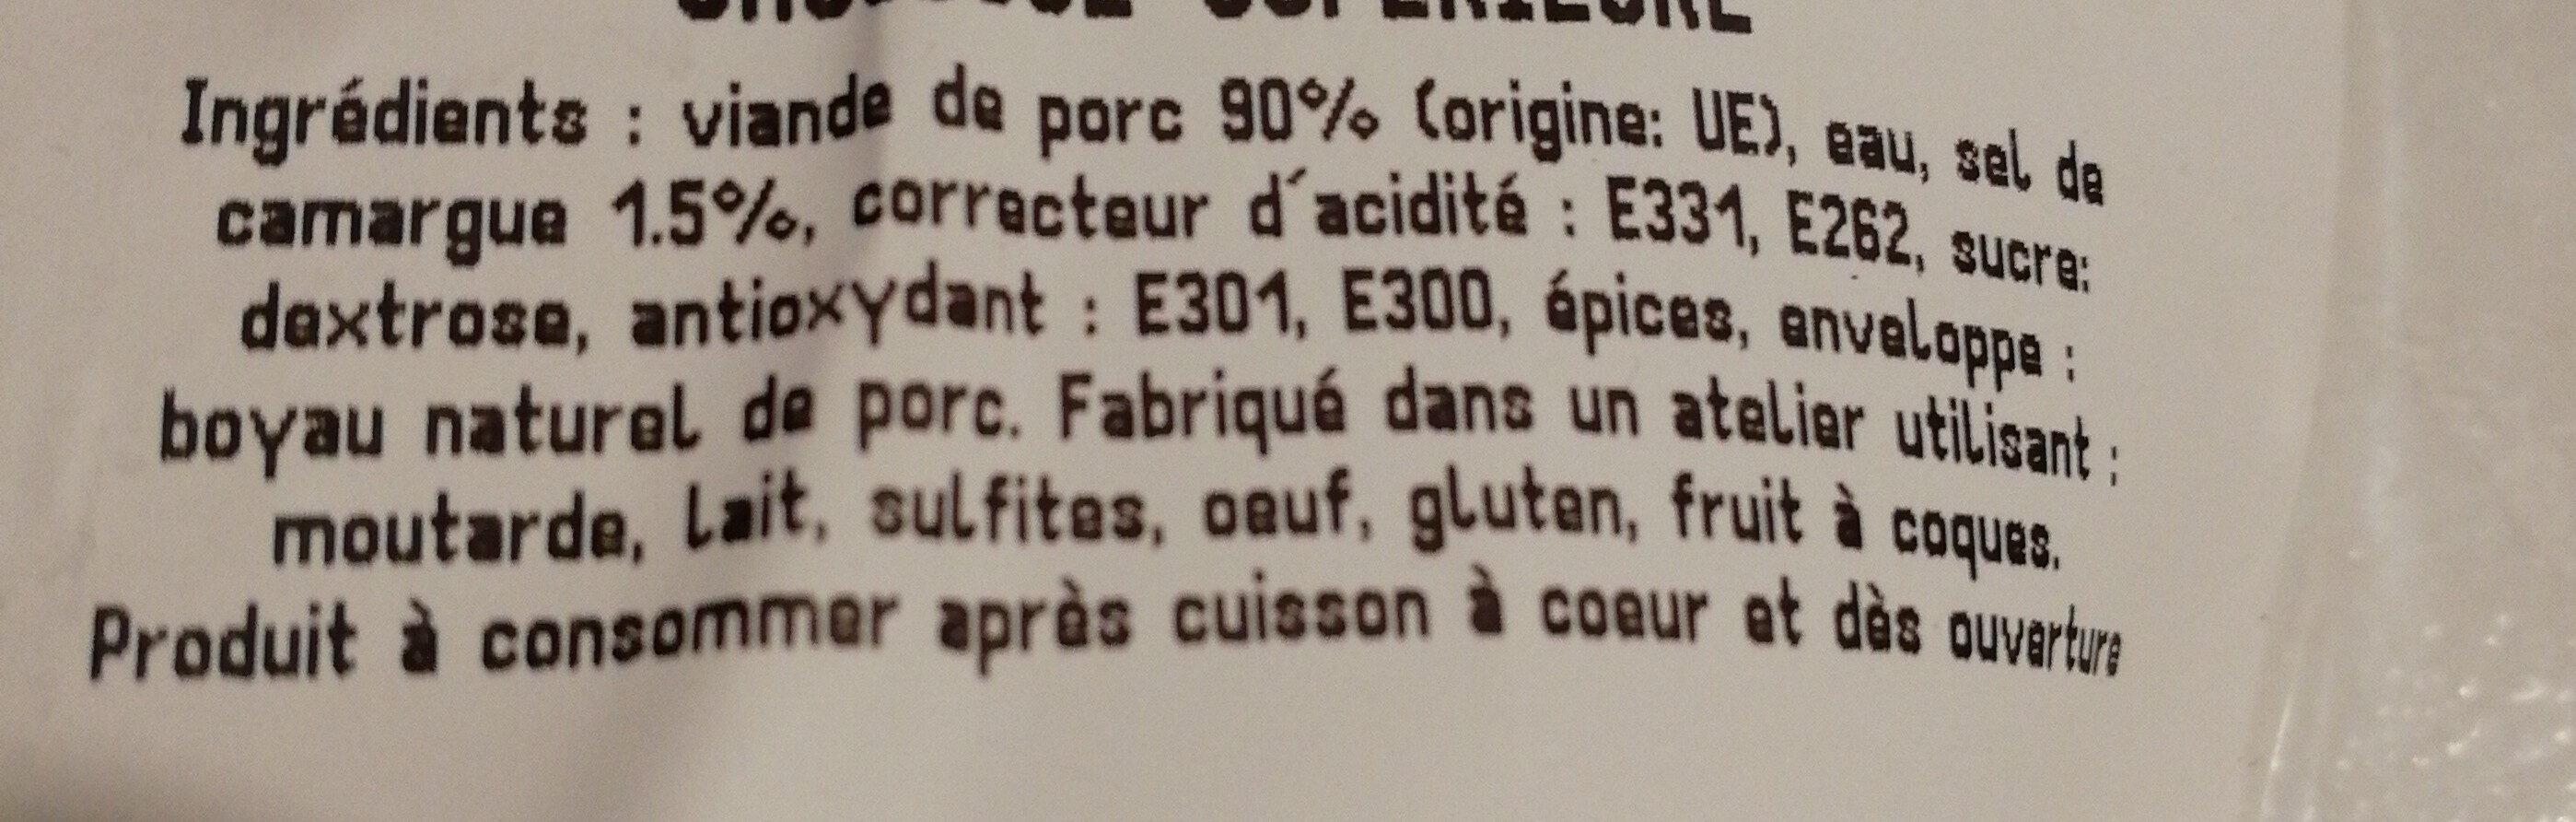 Saucisses supérieur - Ingrediënten